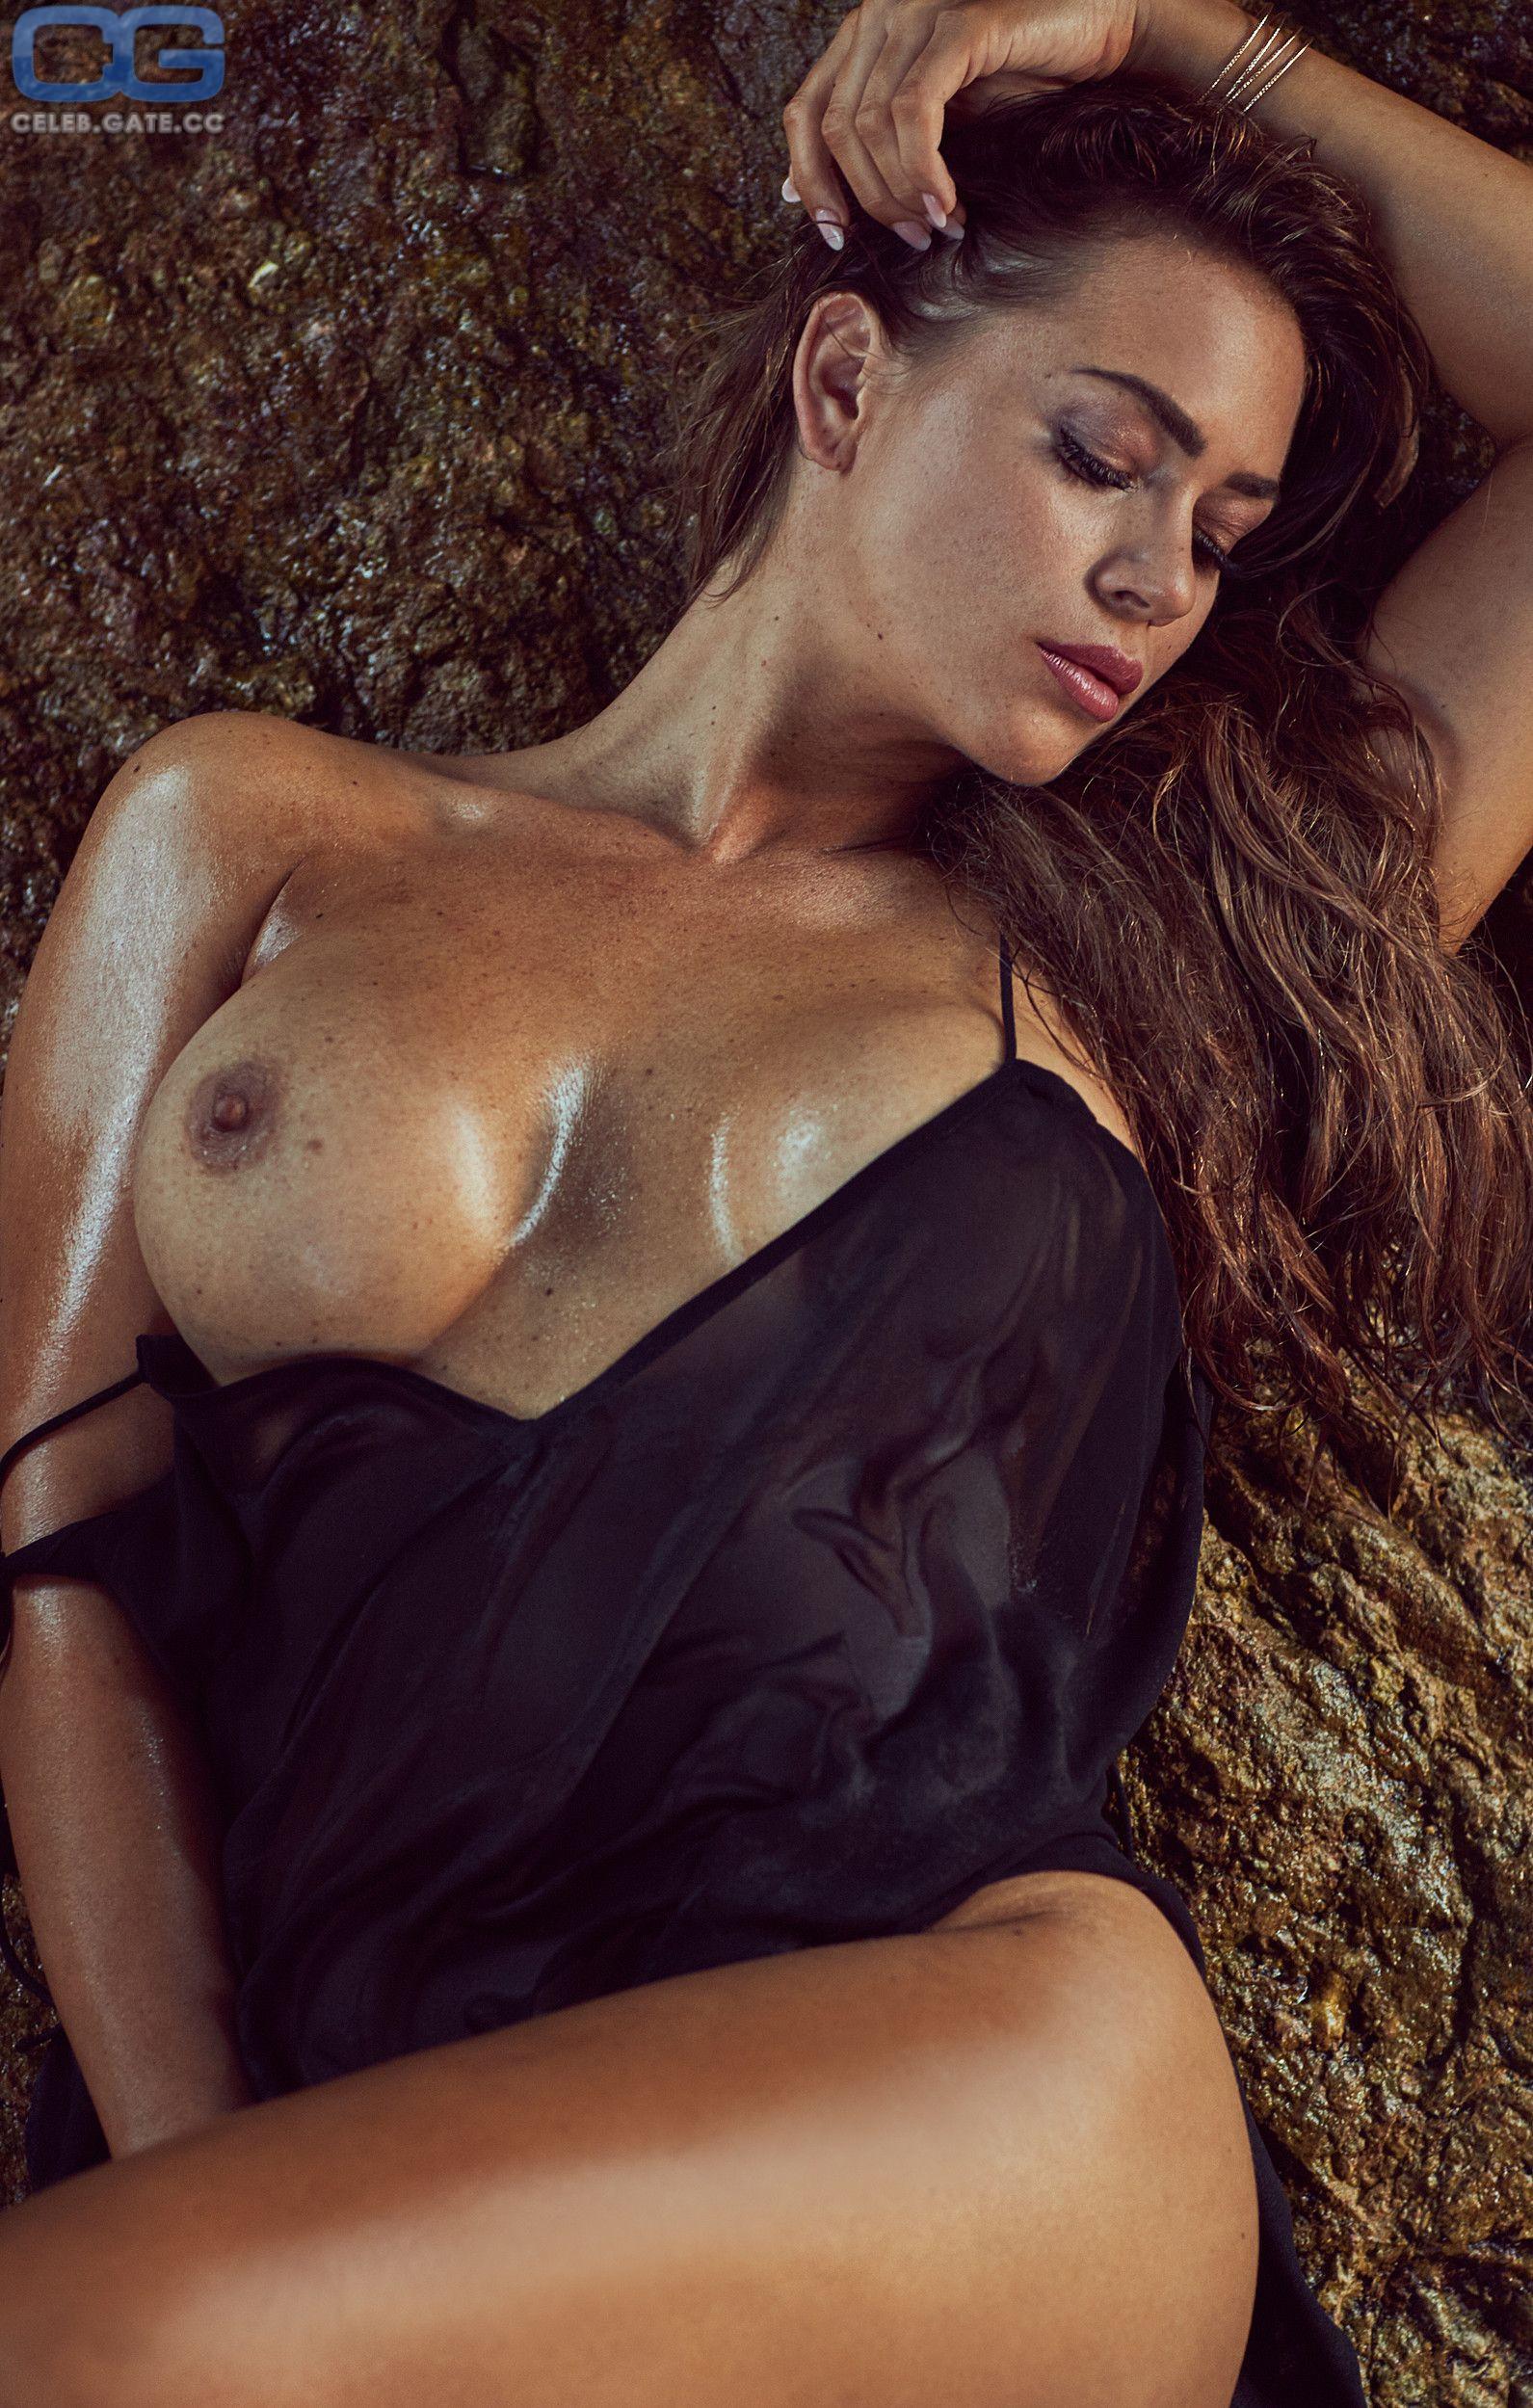 Jessica lynn nackt